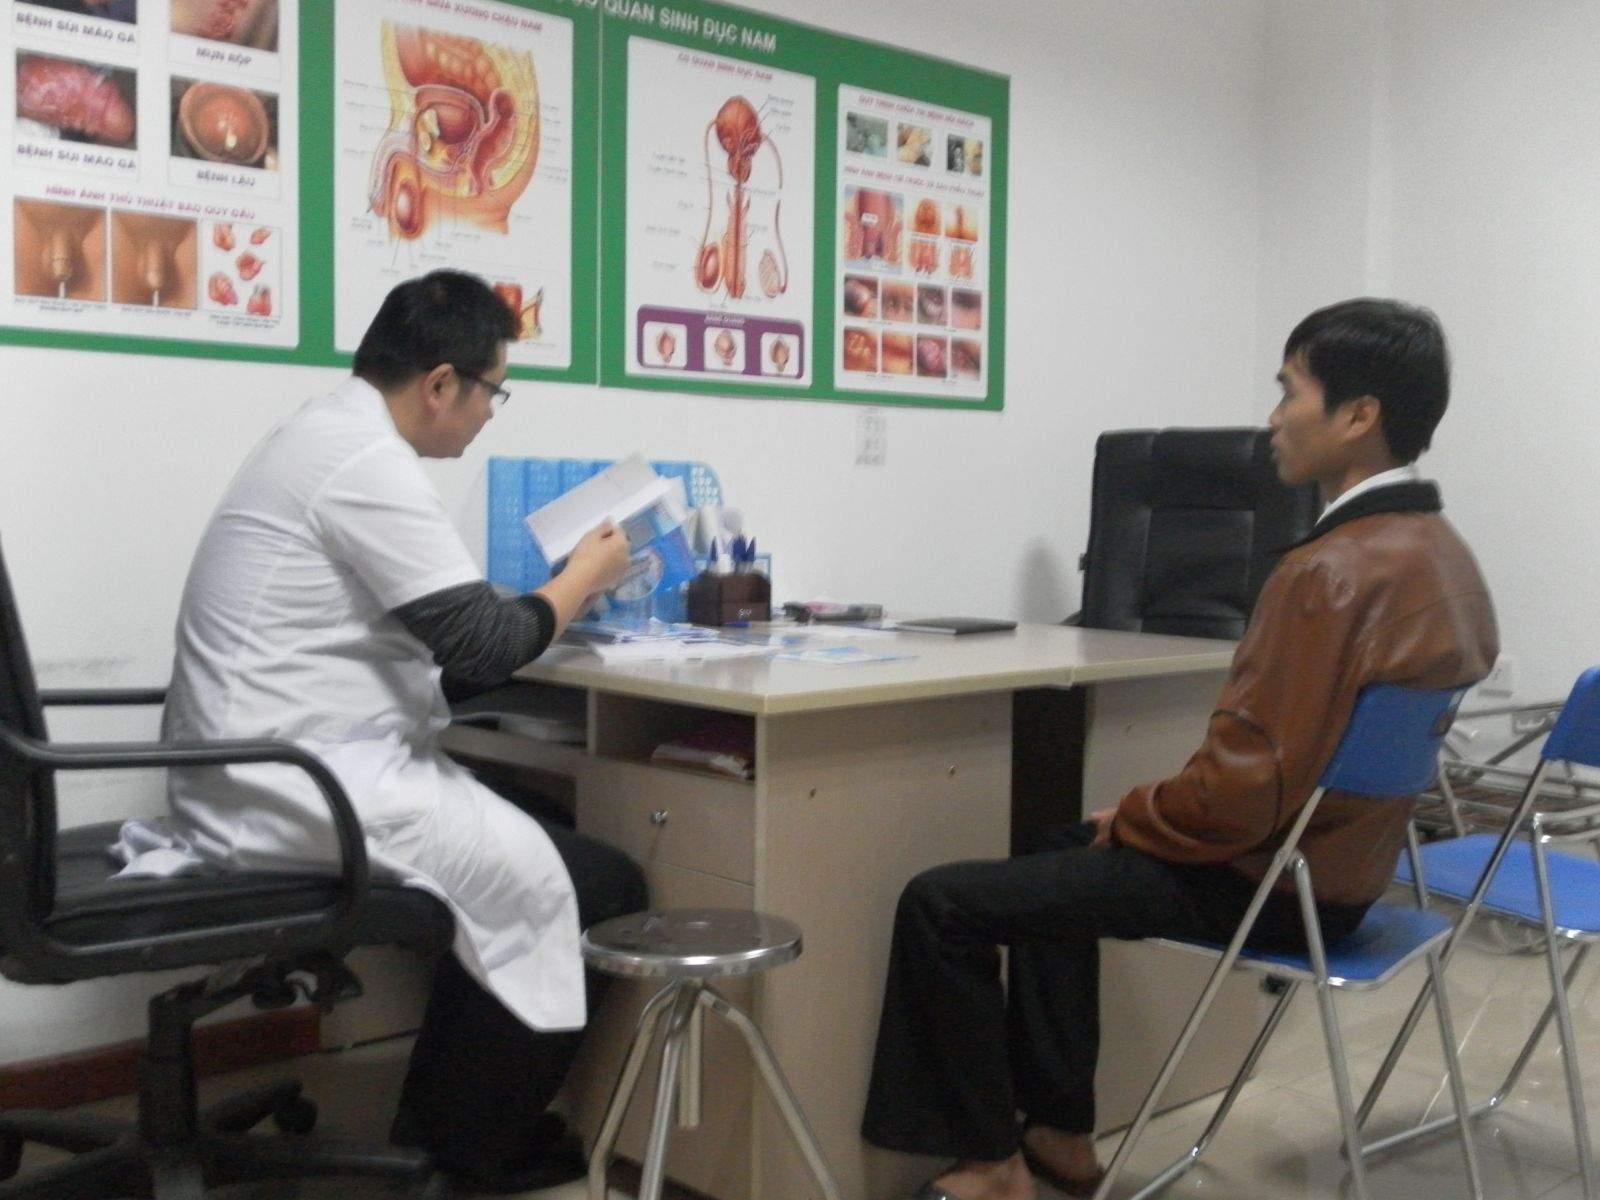 quy trình, thăm khám, điều trị, vô sinh nam, tư vấn, làm bệnh án, xét nghiệm, kĩ thuật hỗ trợ sinh sản